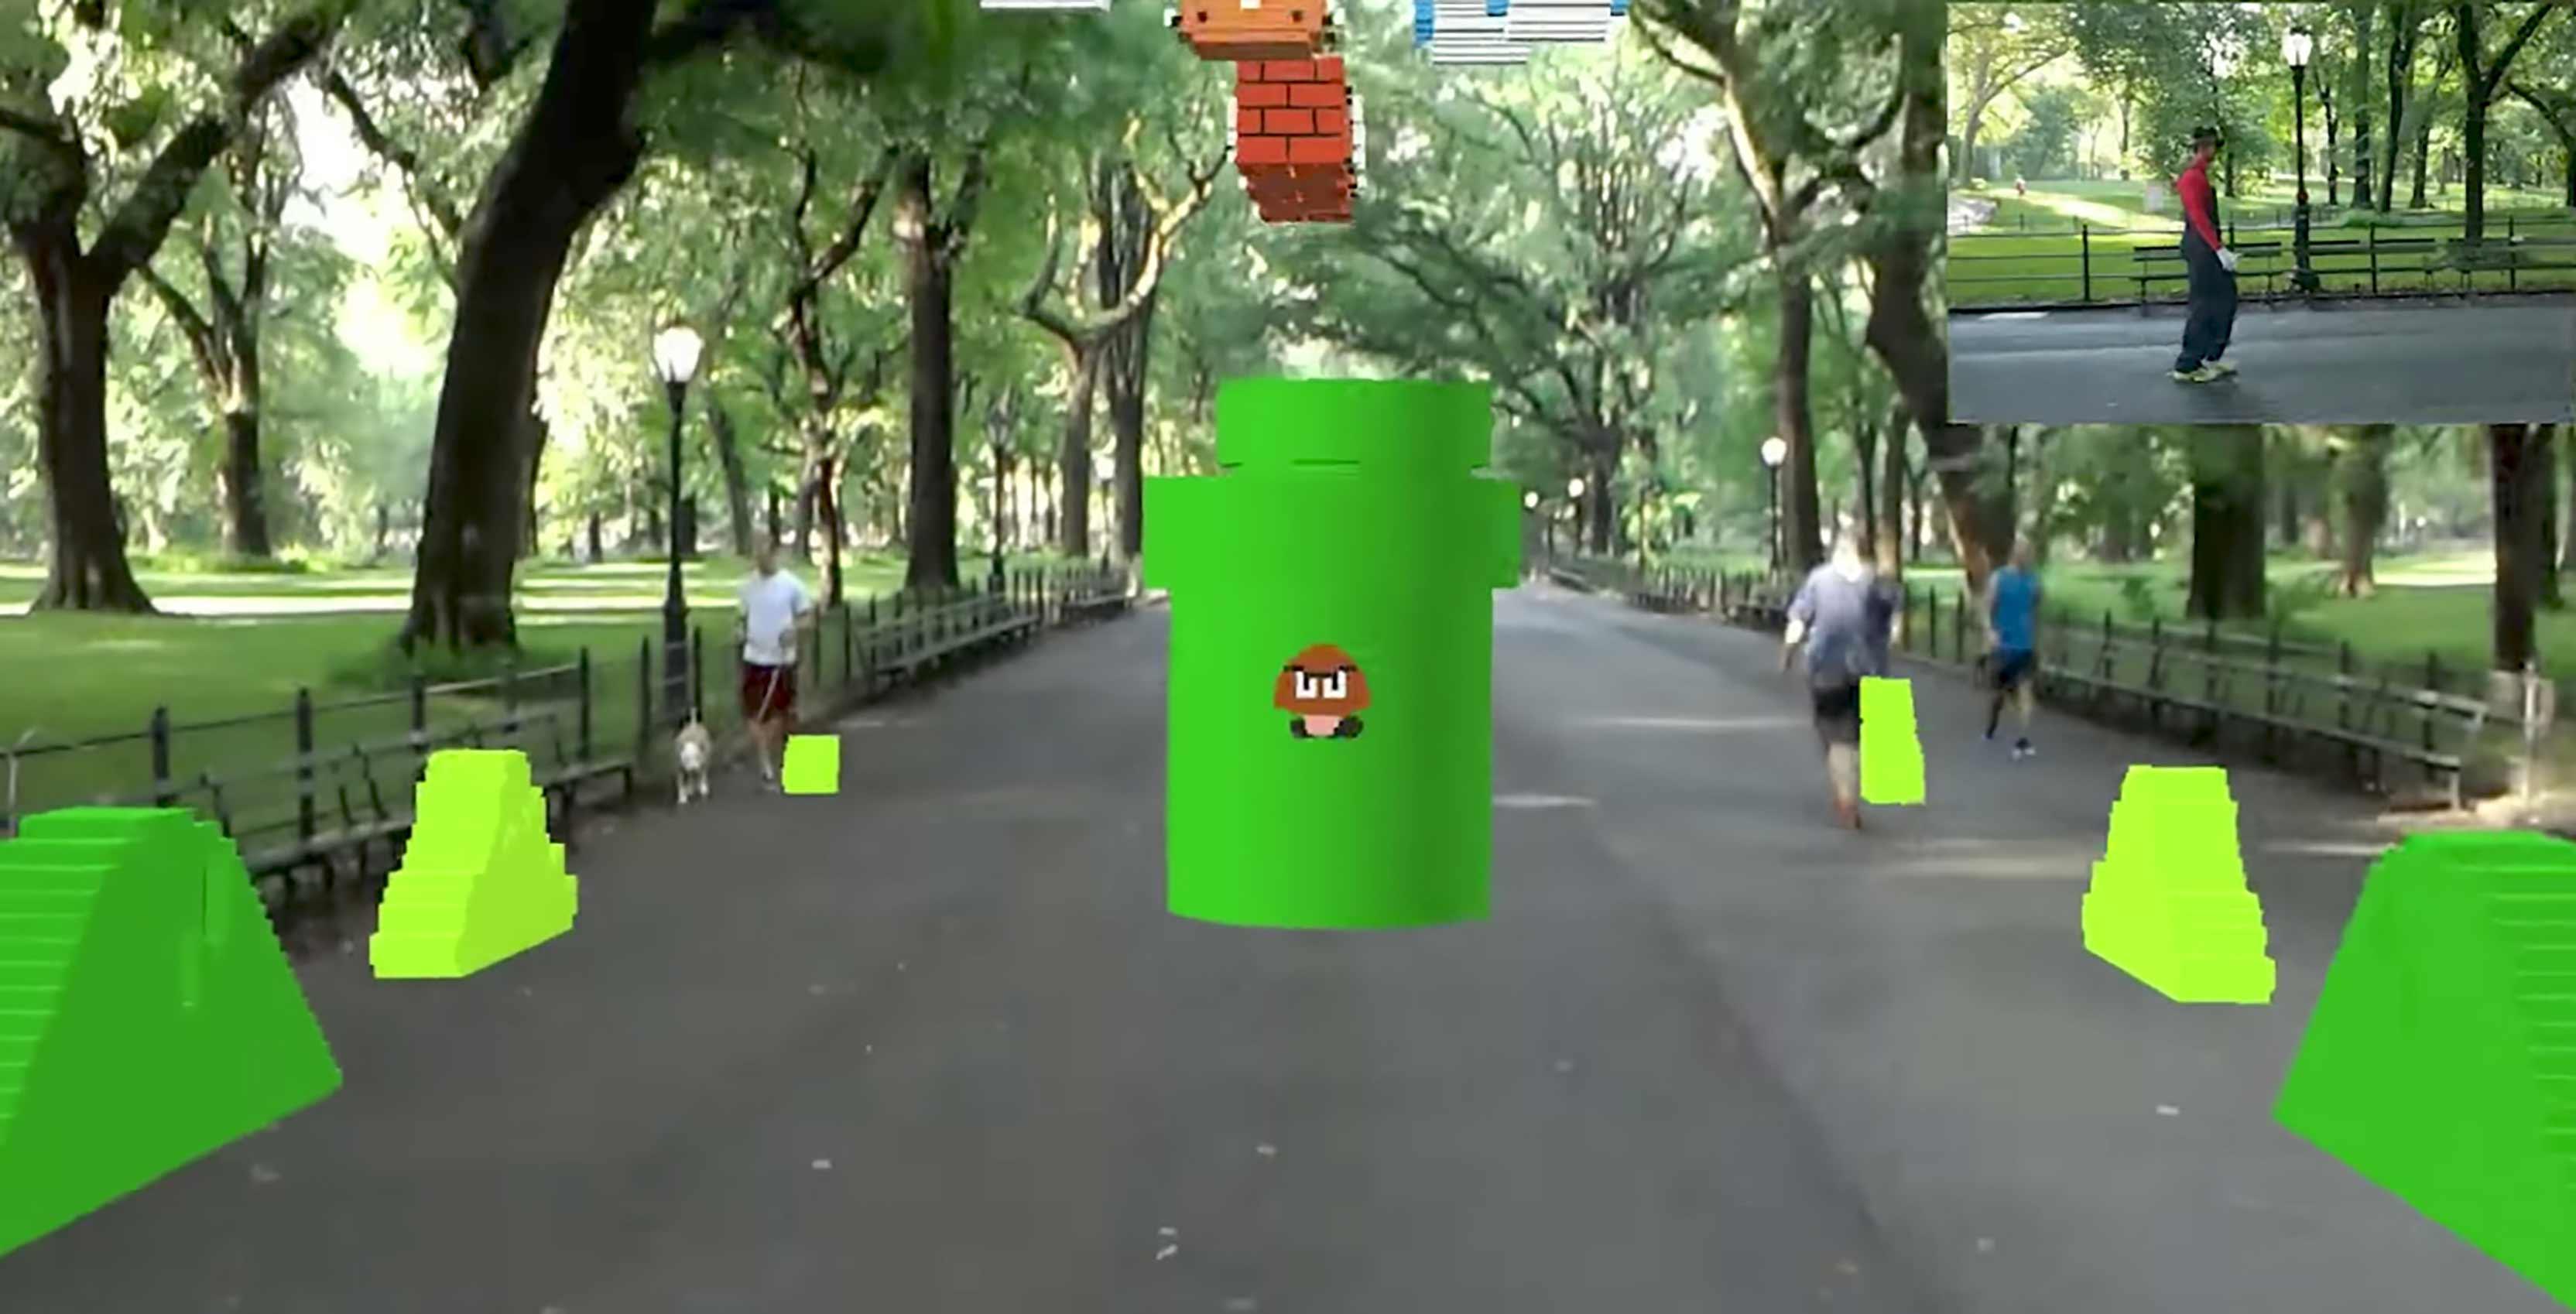 Super Mario AR in park